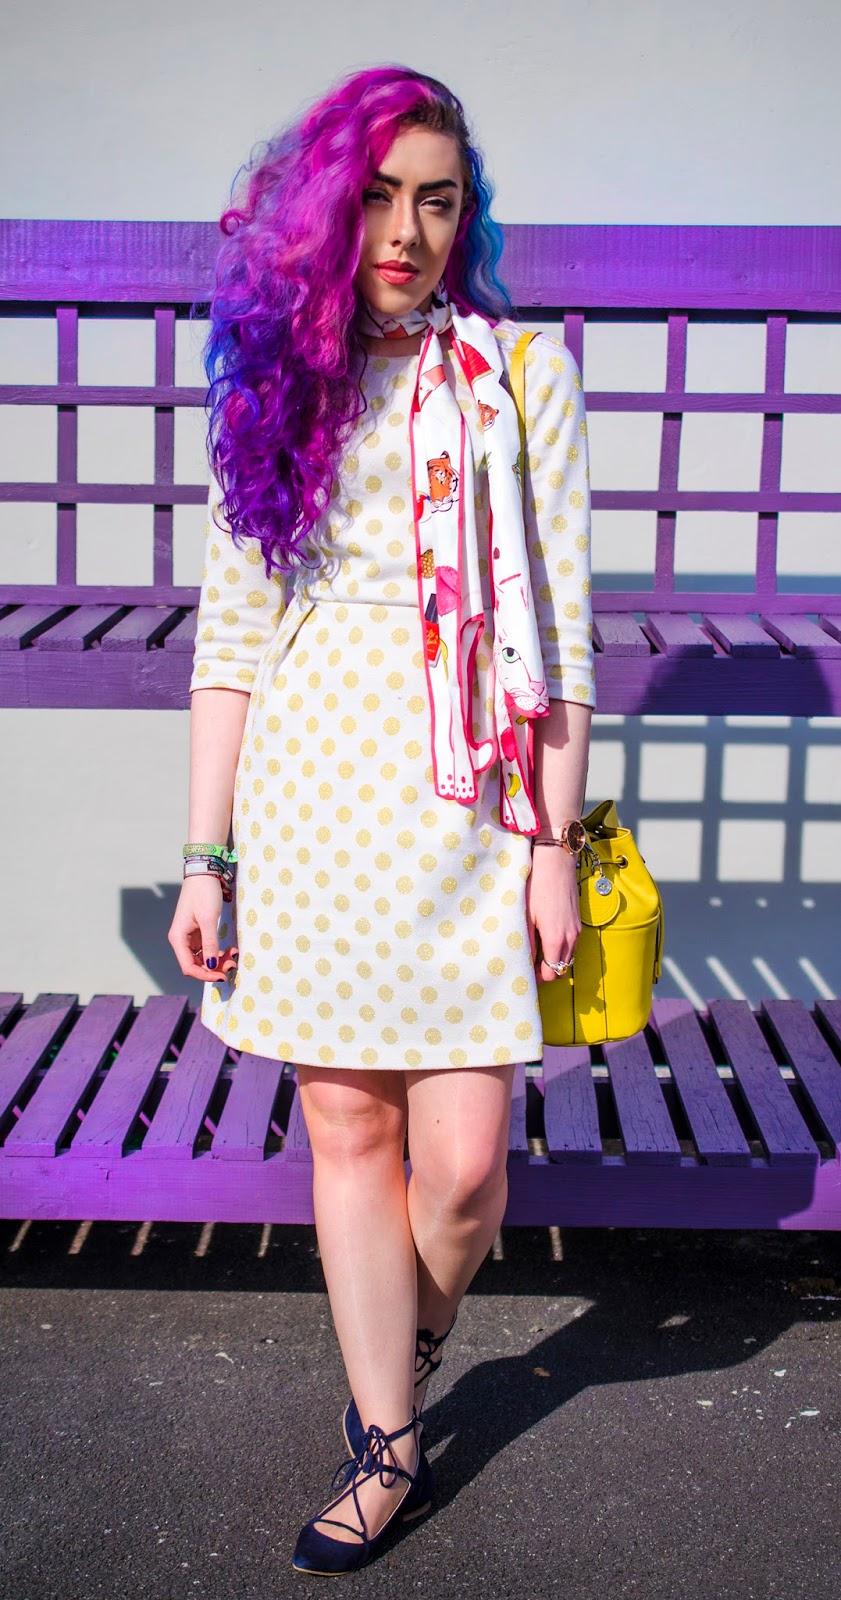 Stephi LaReine style blogger